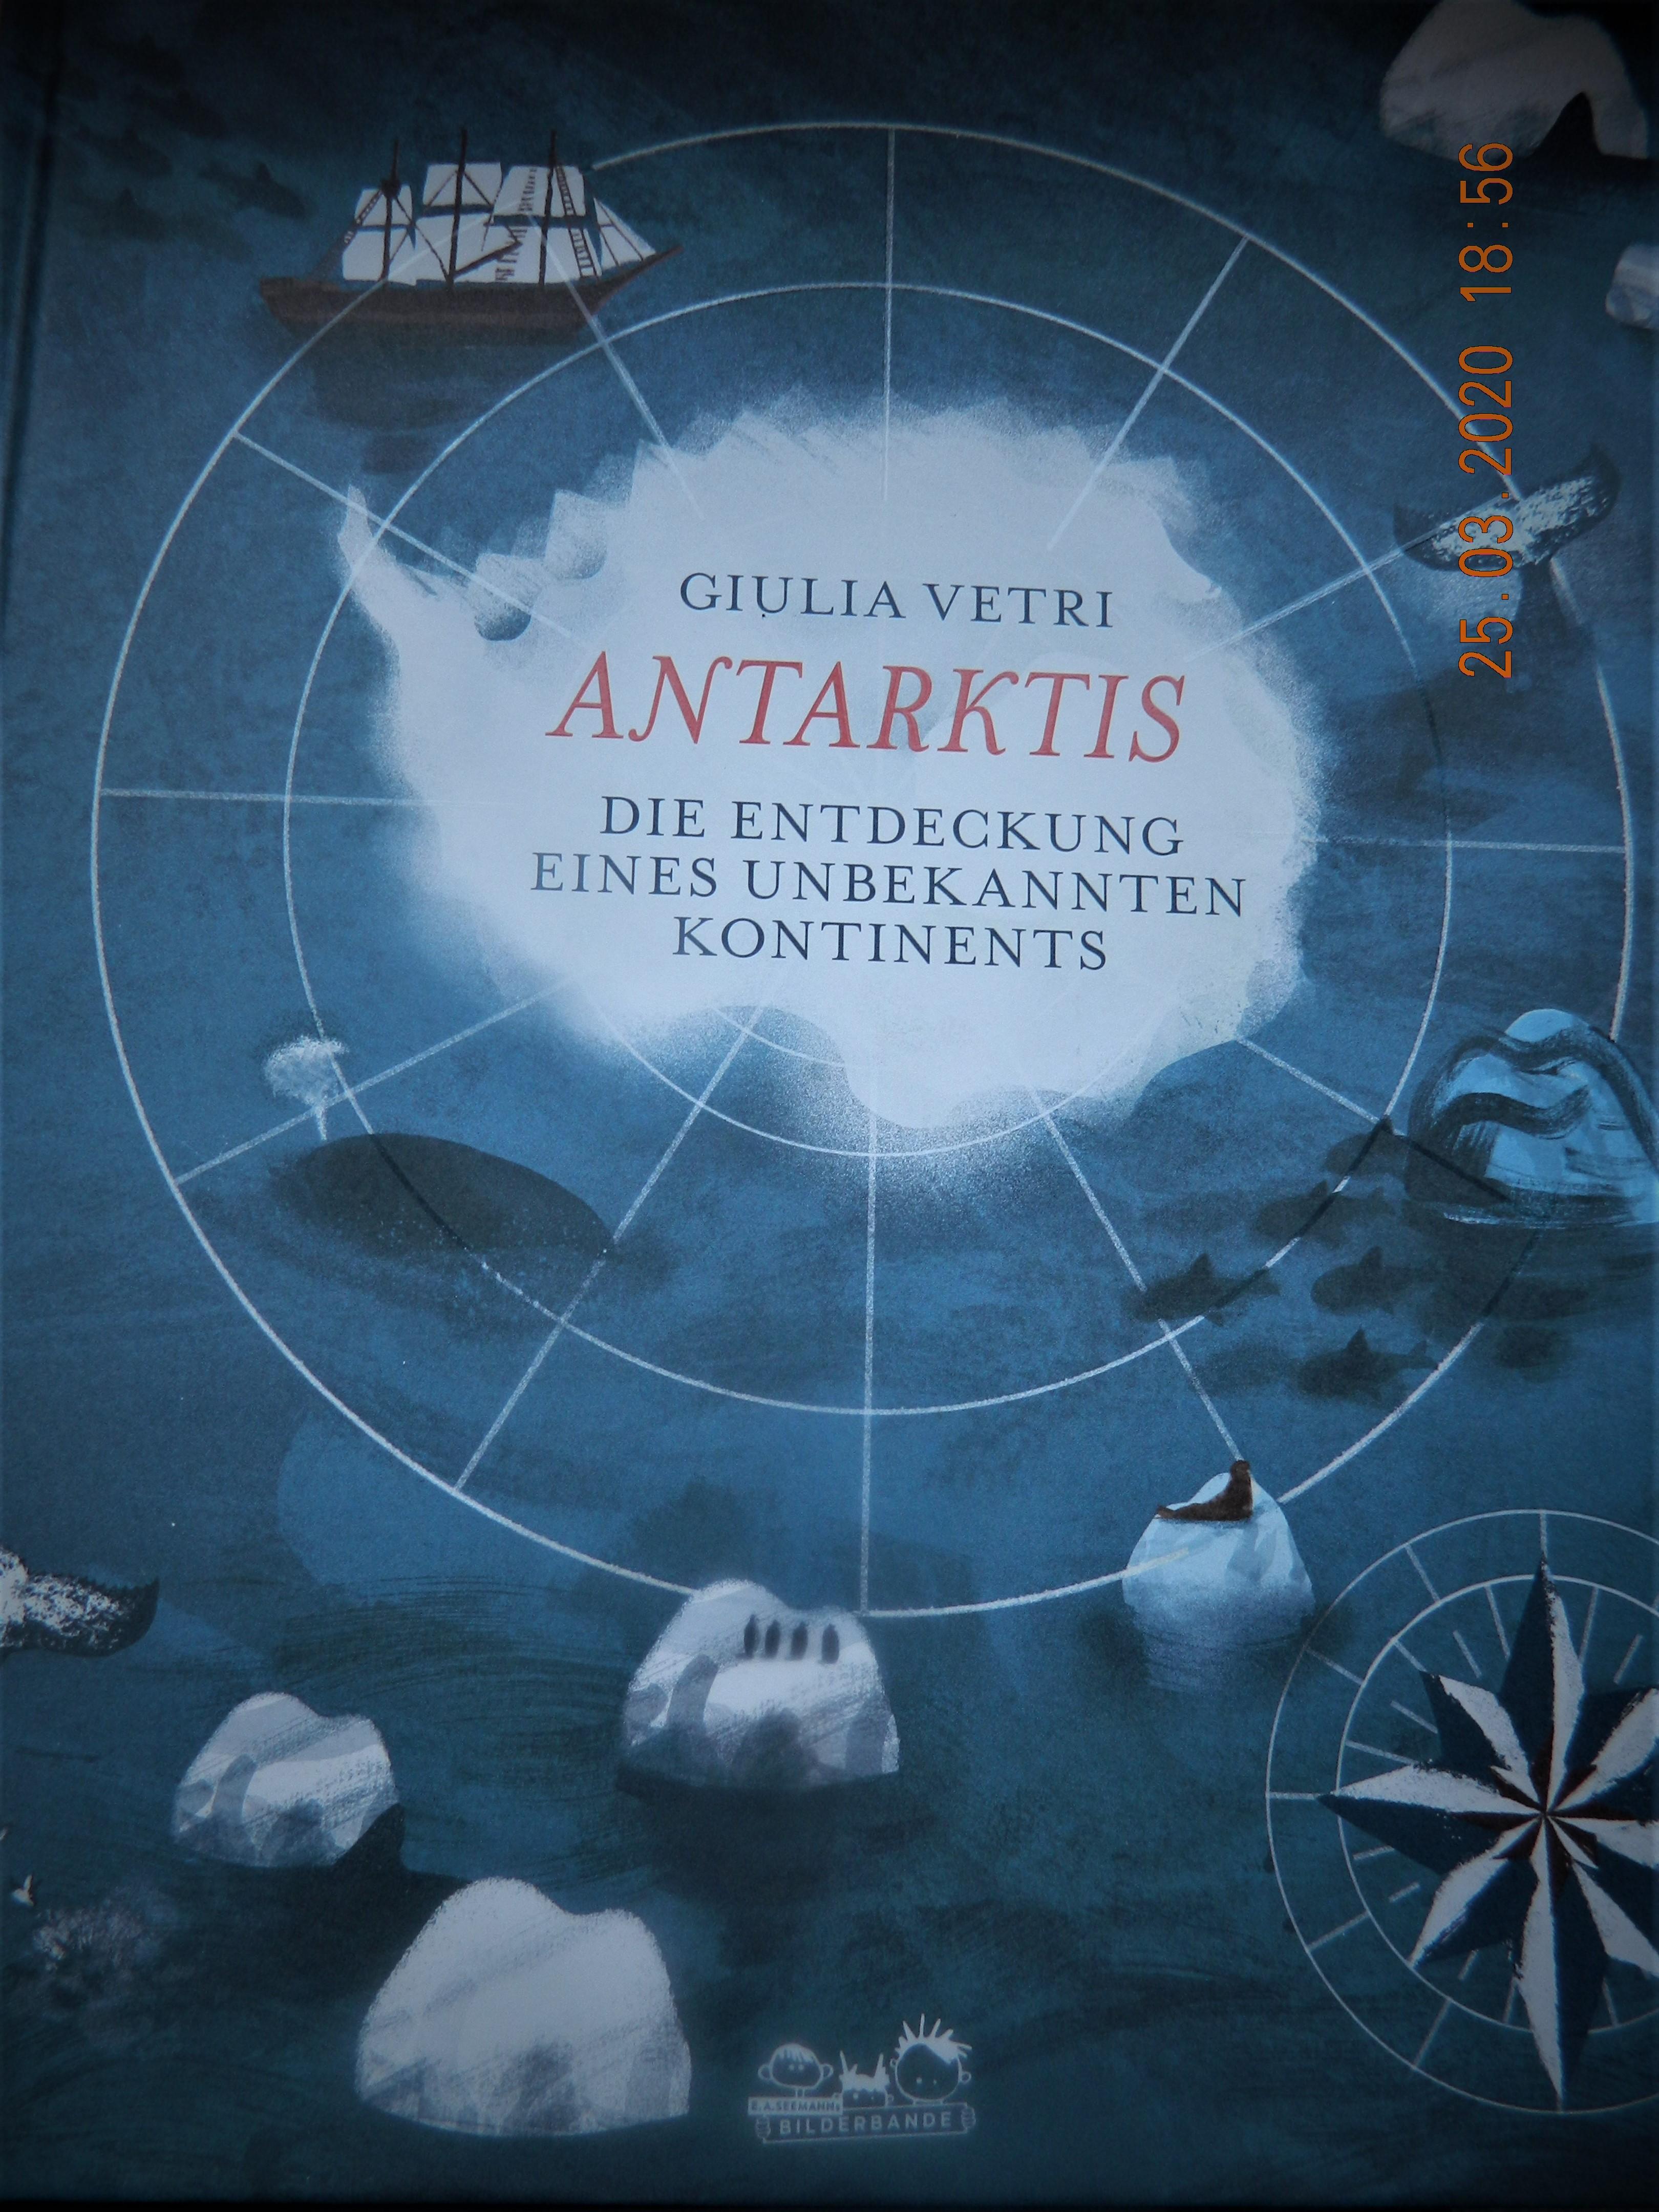 Antarktis Die Entdeckung eines unbekannten Kontinents Book Cover